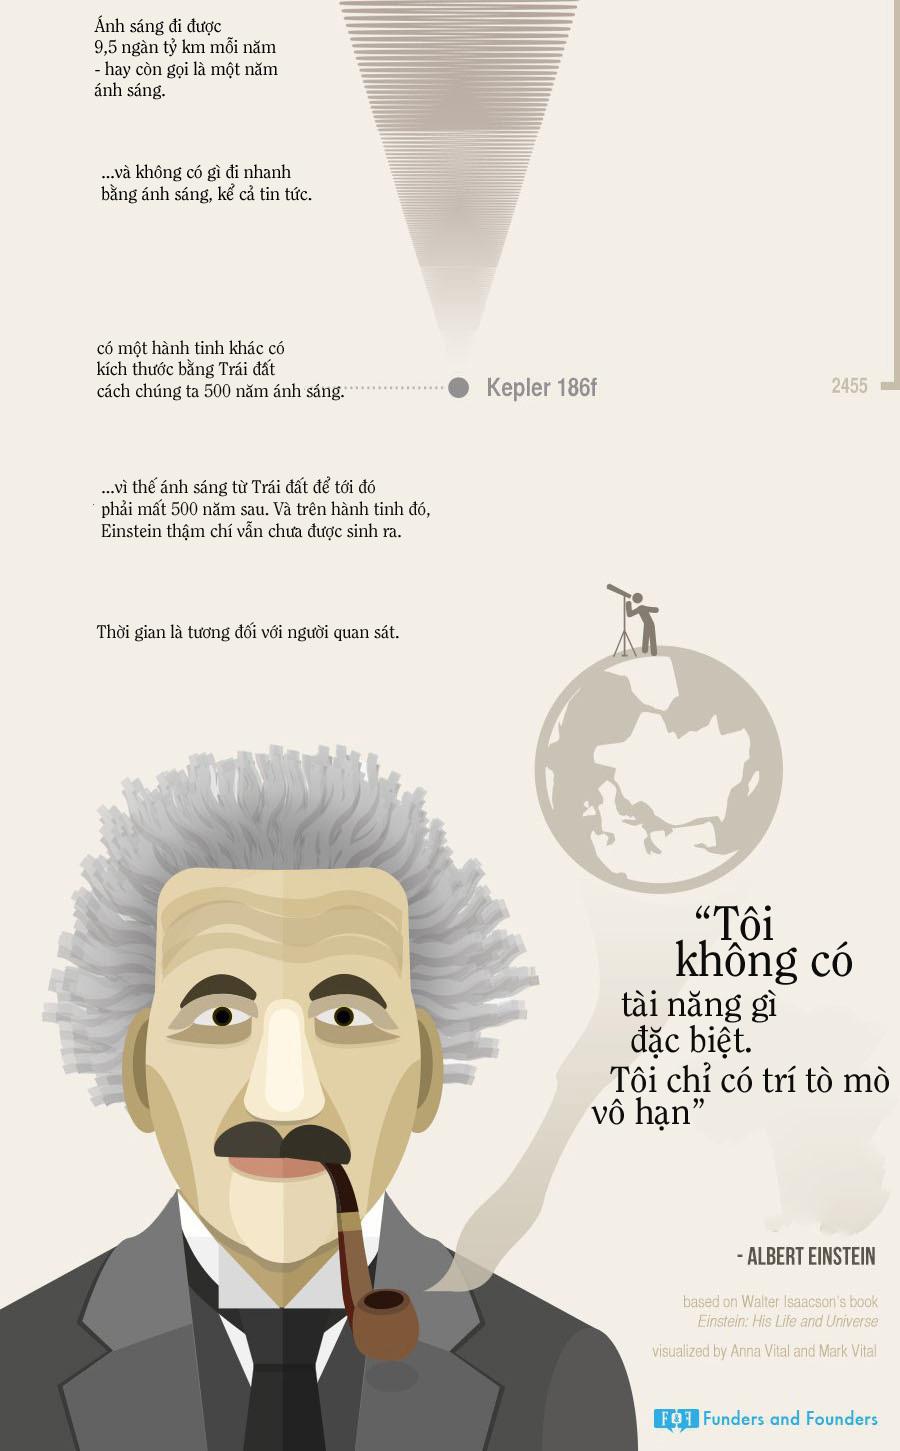 Albert Einstein, bác học, nhà vật lý, cuộc đời Albert Einstein